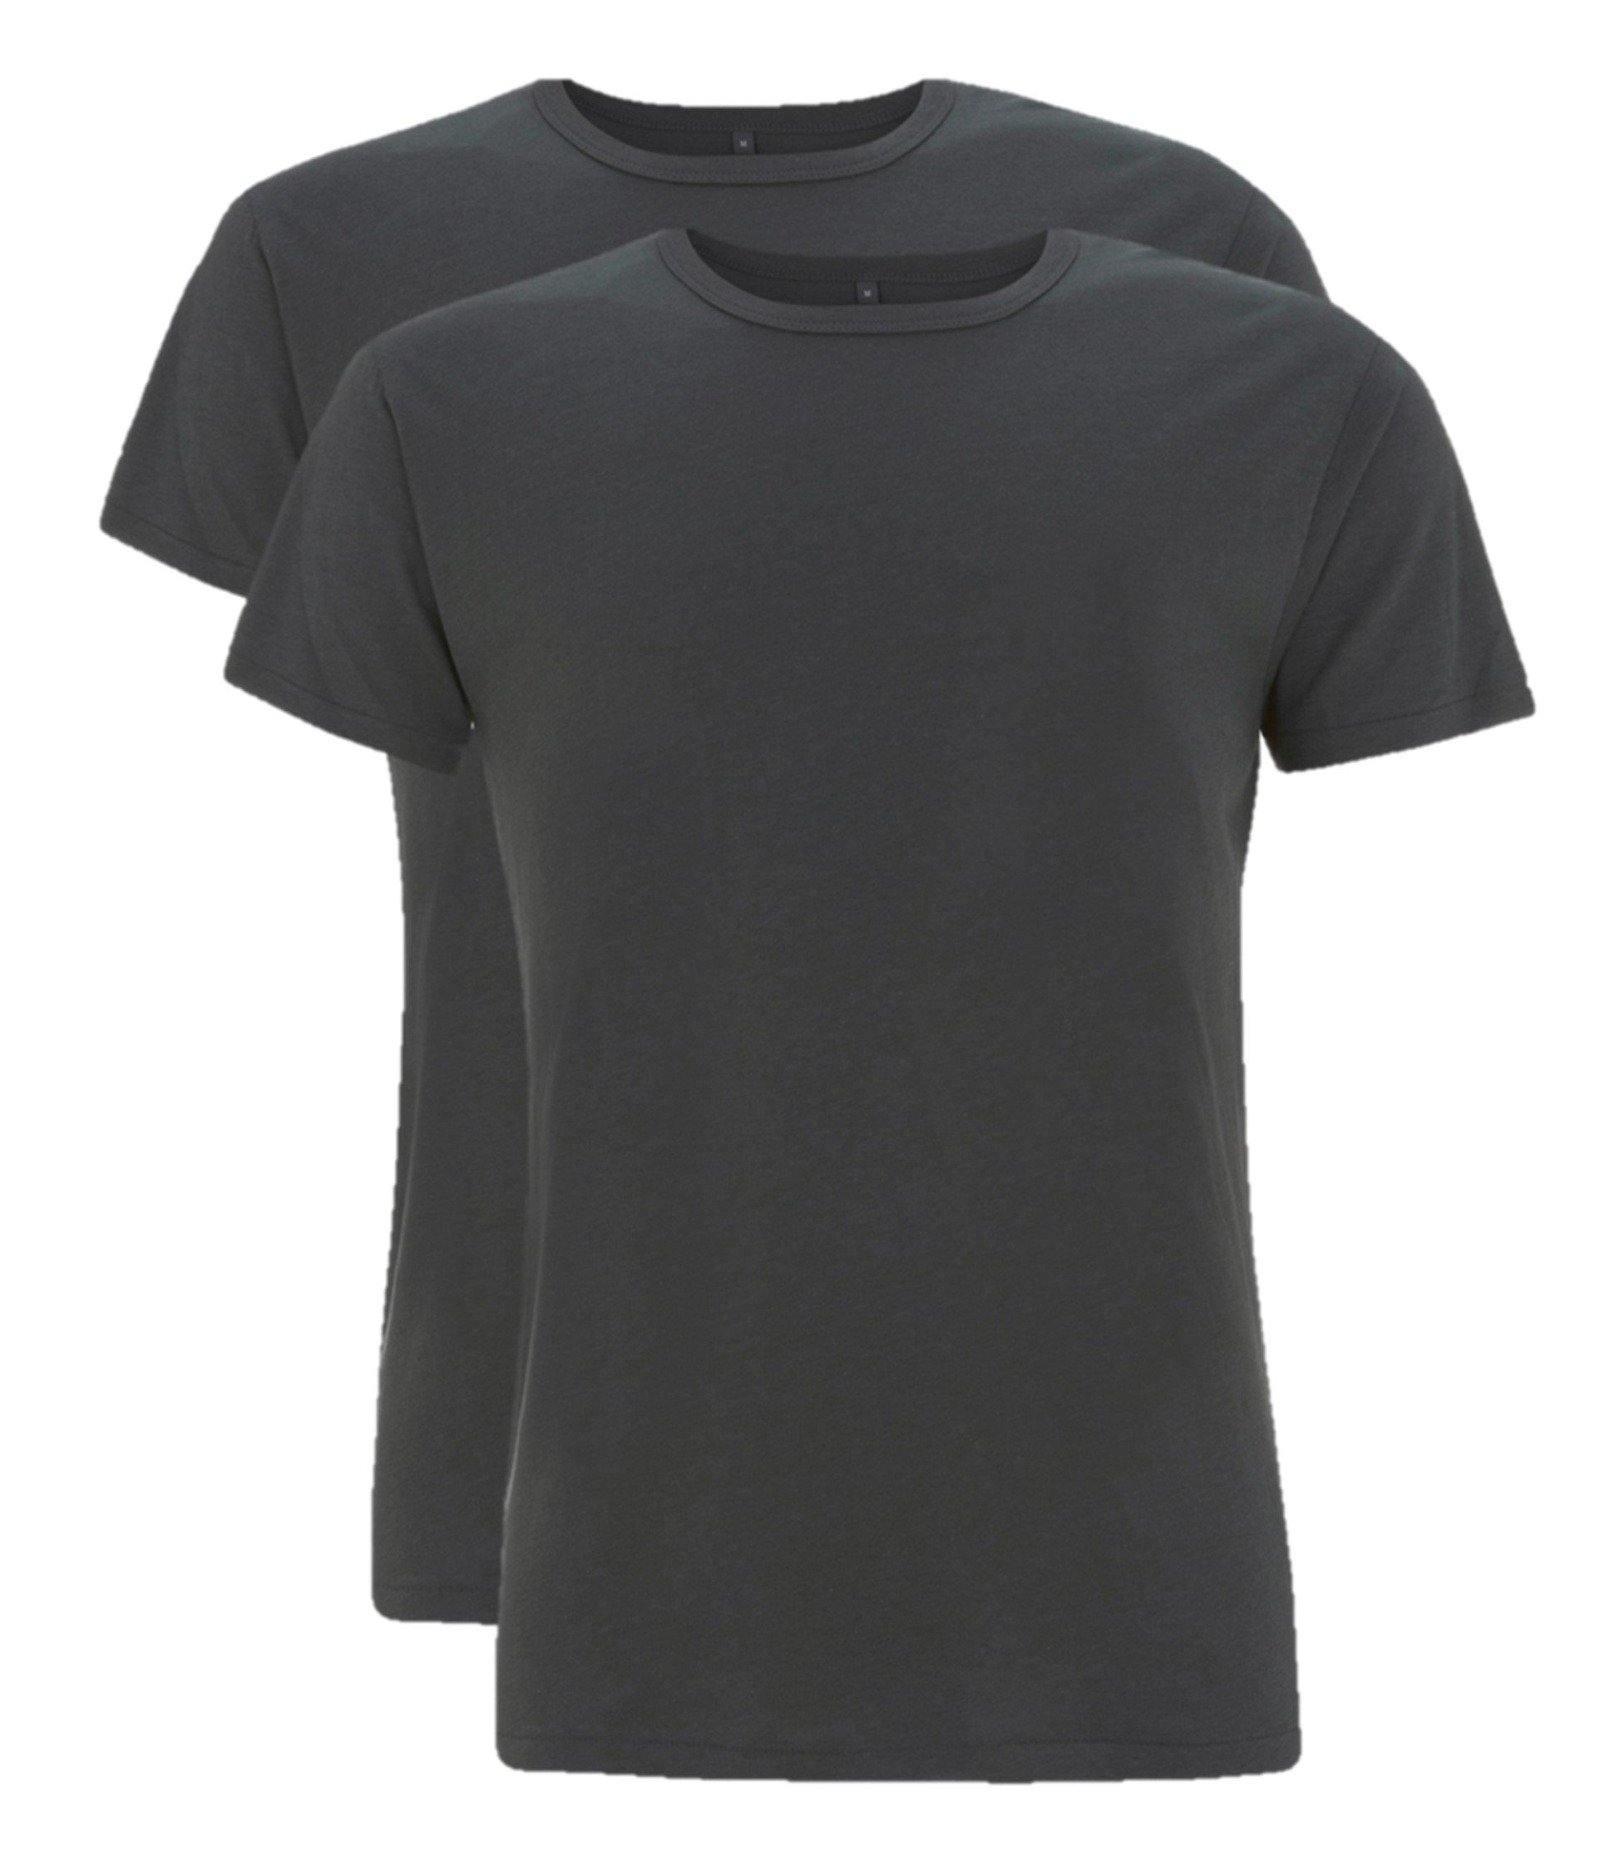 Bamboe t-shirt heren 2-pack grijs | Cayboo